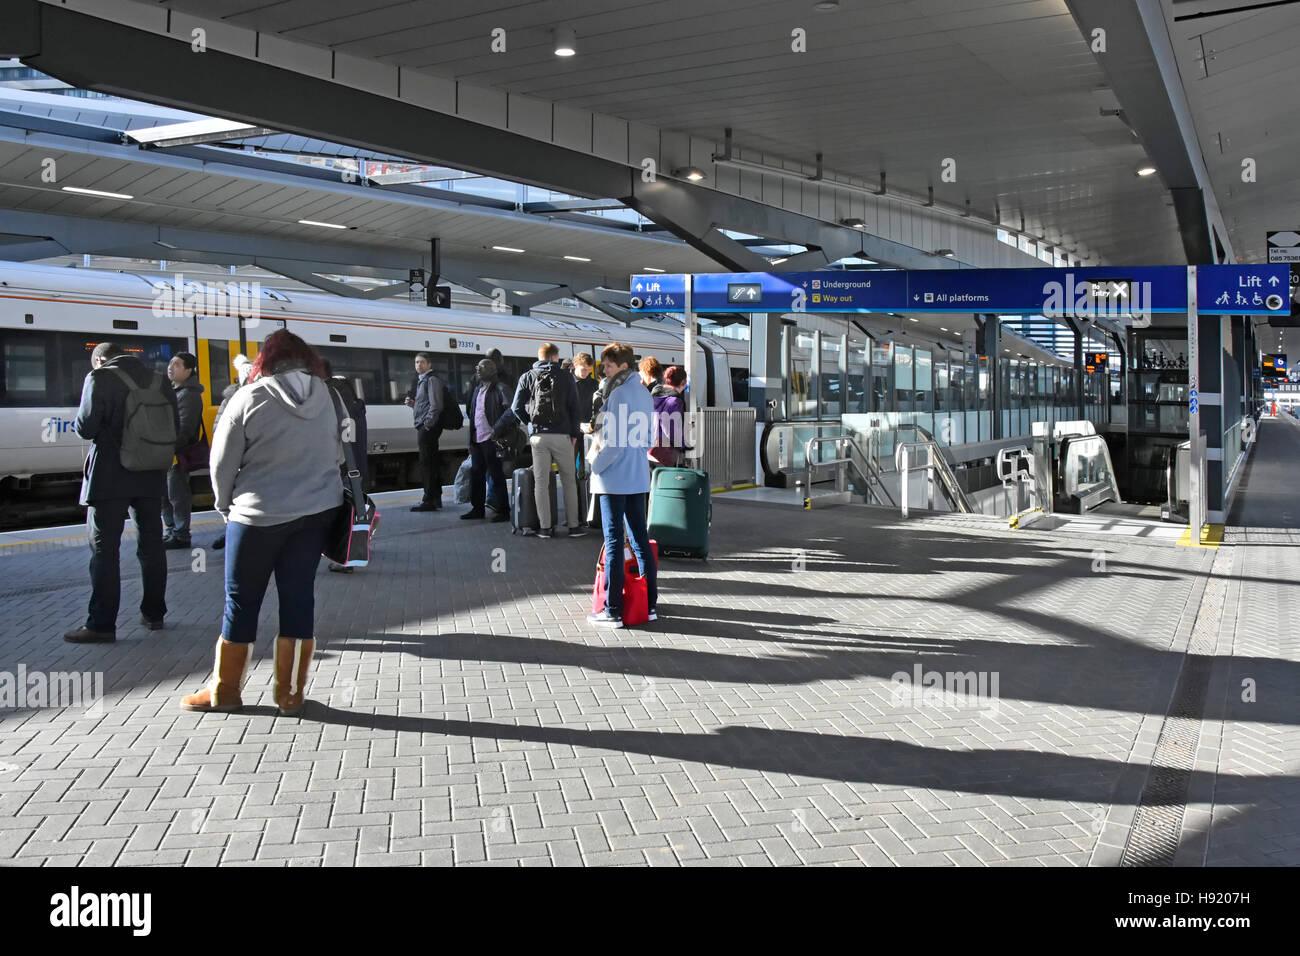 Commuters waiting on platform for train on refurbished platforms at London Bridge Station part of a major UK rebuilding - Stock Image